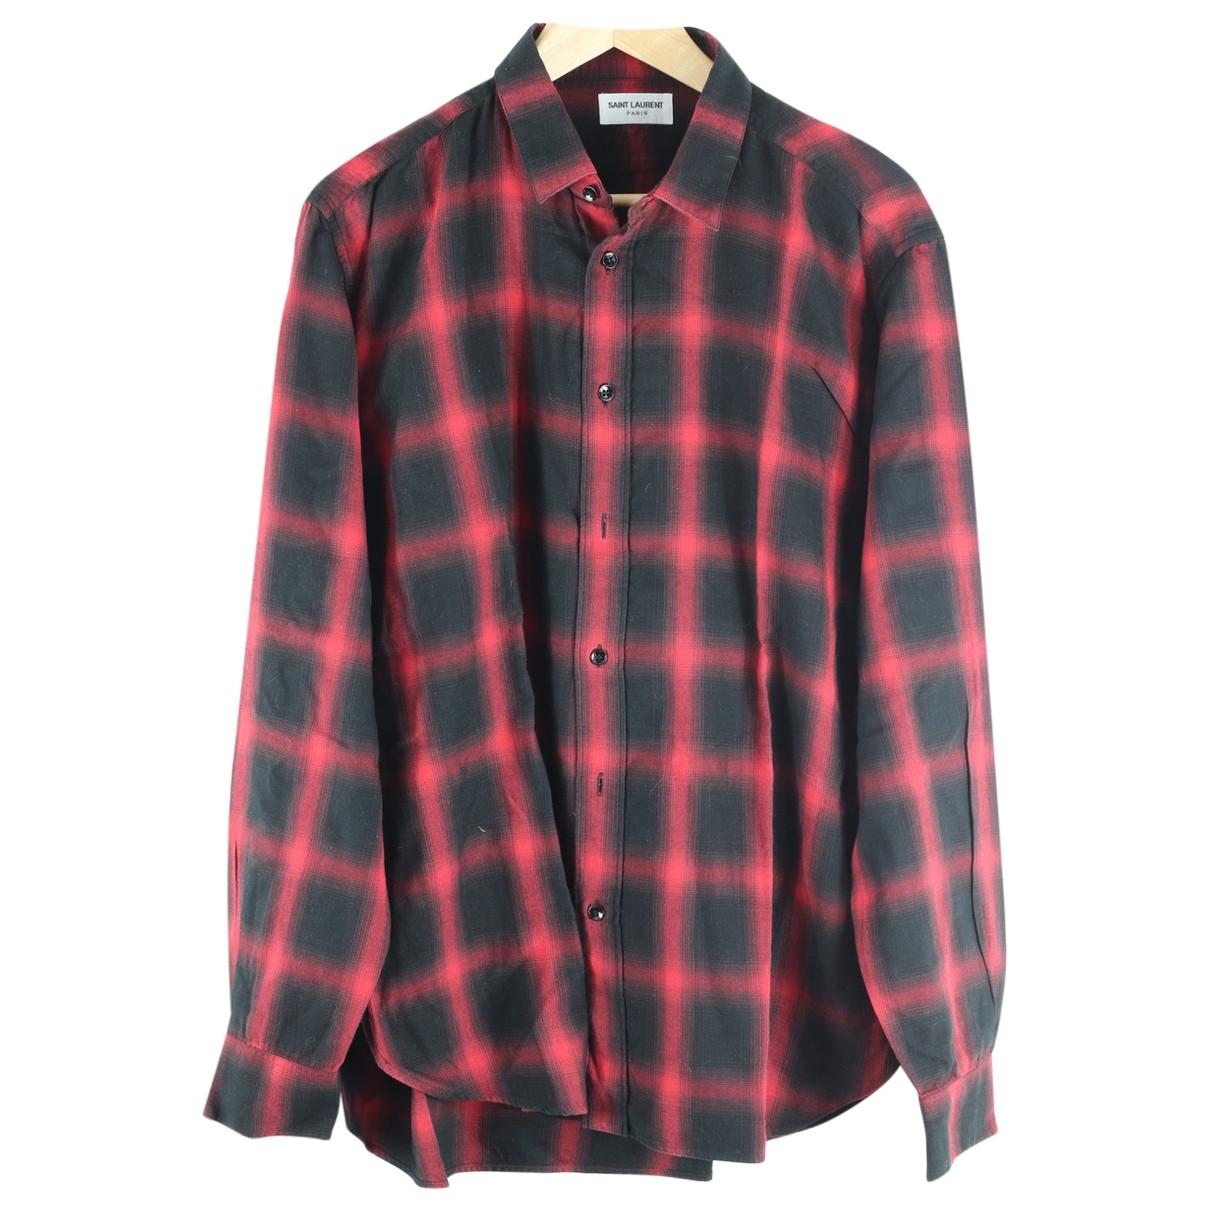 Saint Laurent \N Red Cotton Shirts for Men 42 EU (tour de cou / collar)